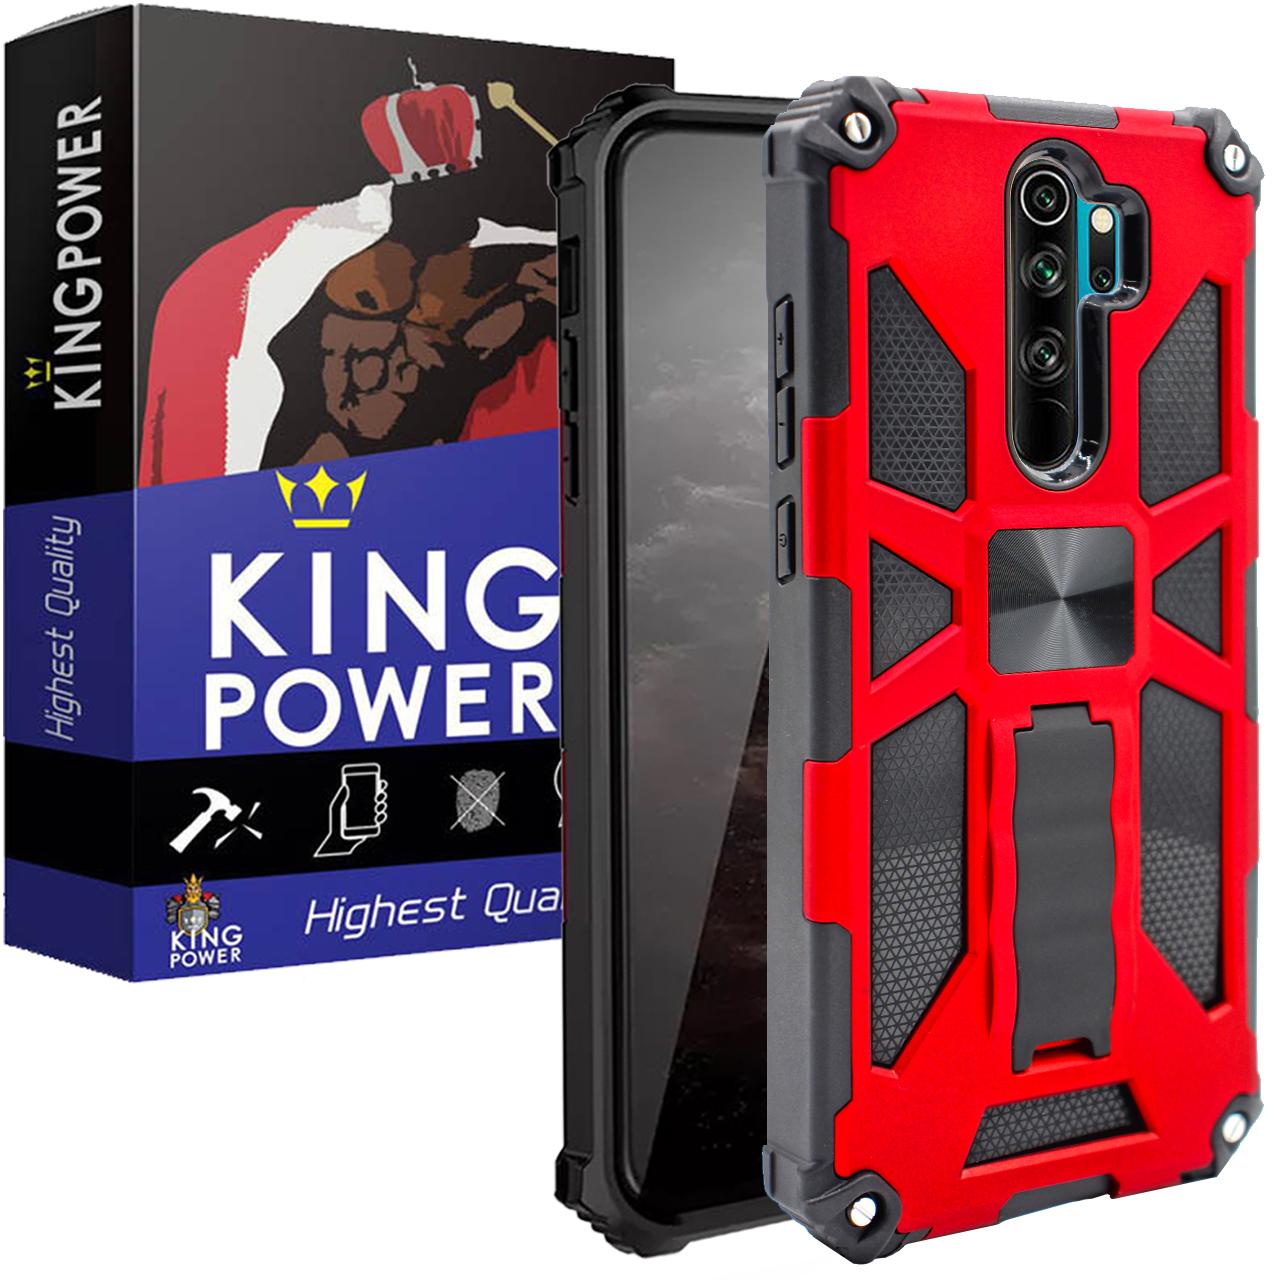 خرید اینترنتی [با تخفیف] کاور کینگ پاور مدل KH21 مناسب برای گوشی موبایل شیائومی Redmi Note 8 Pro اورجینال